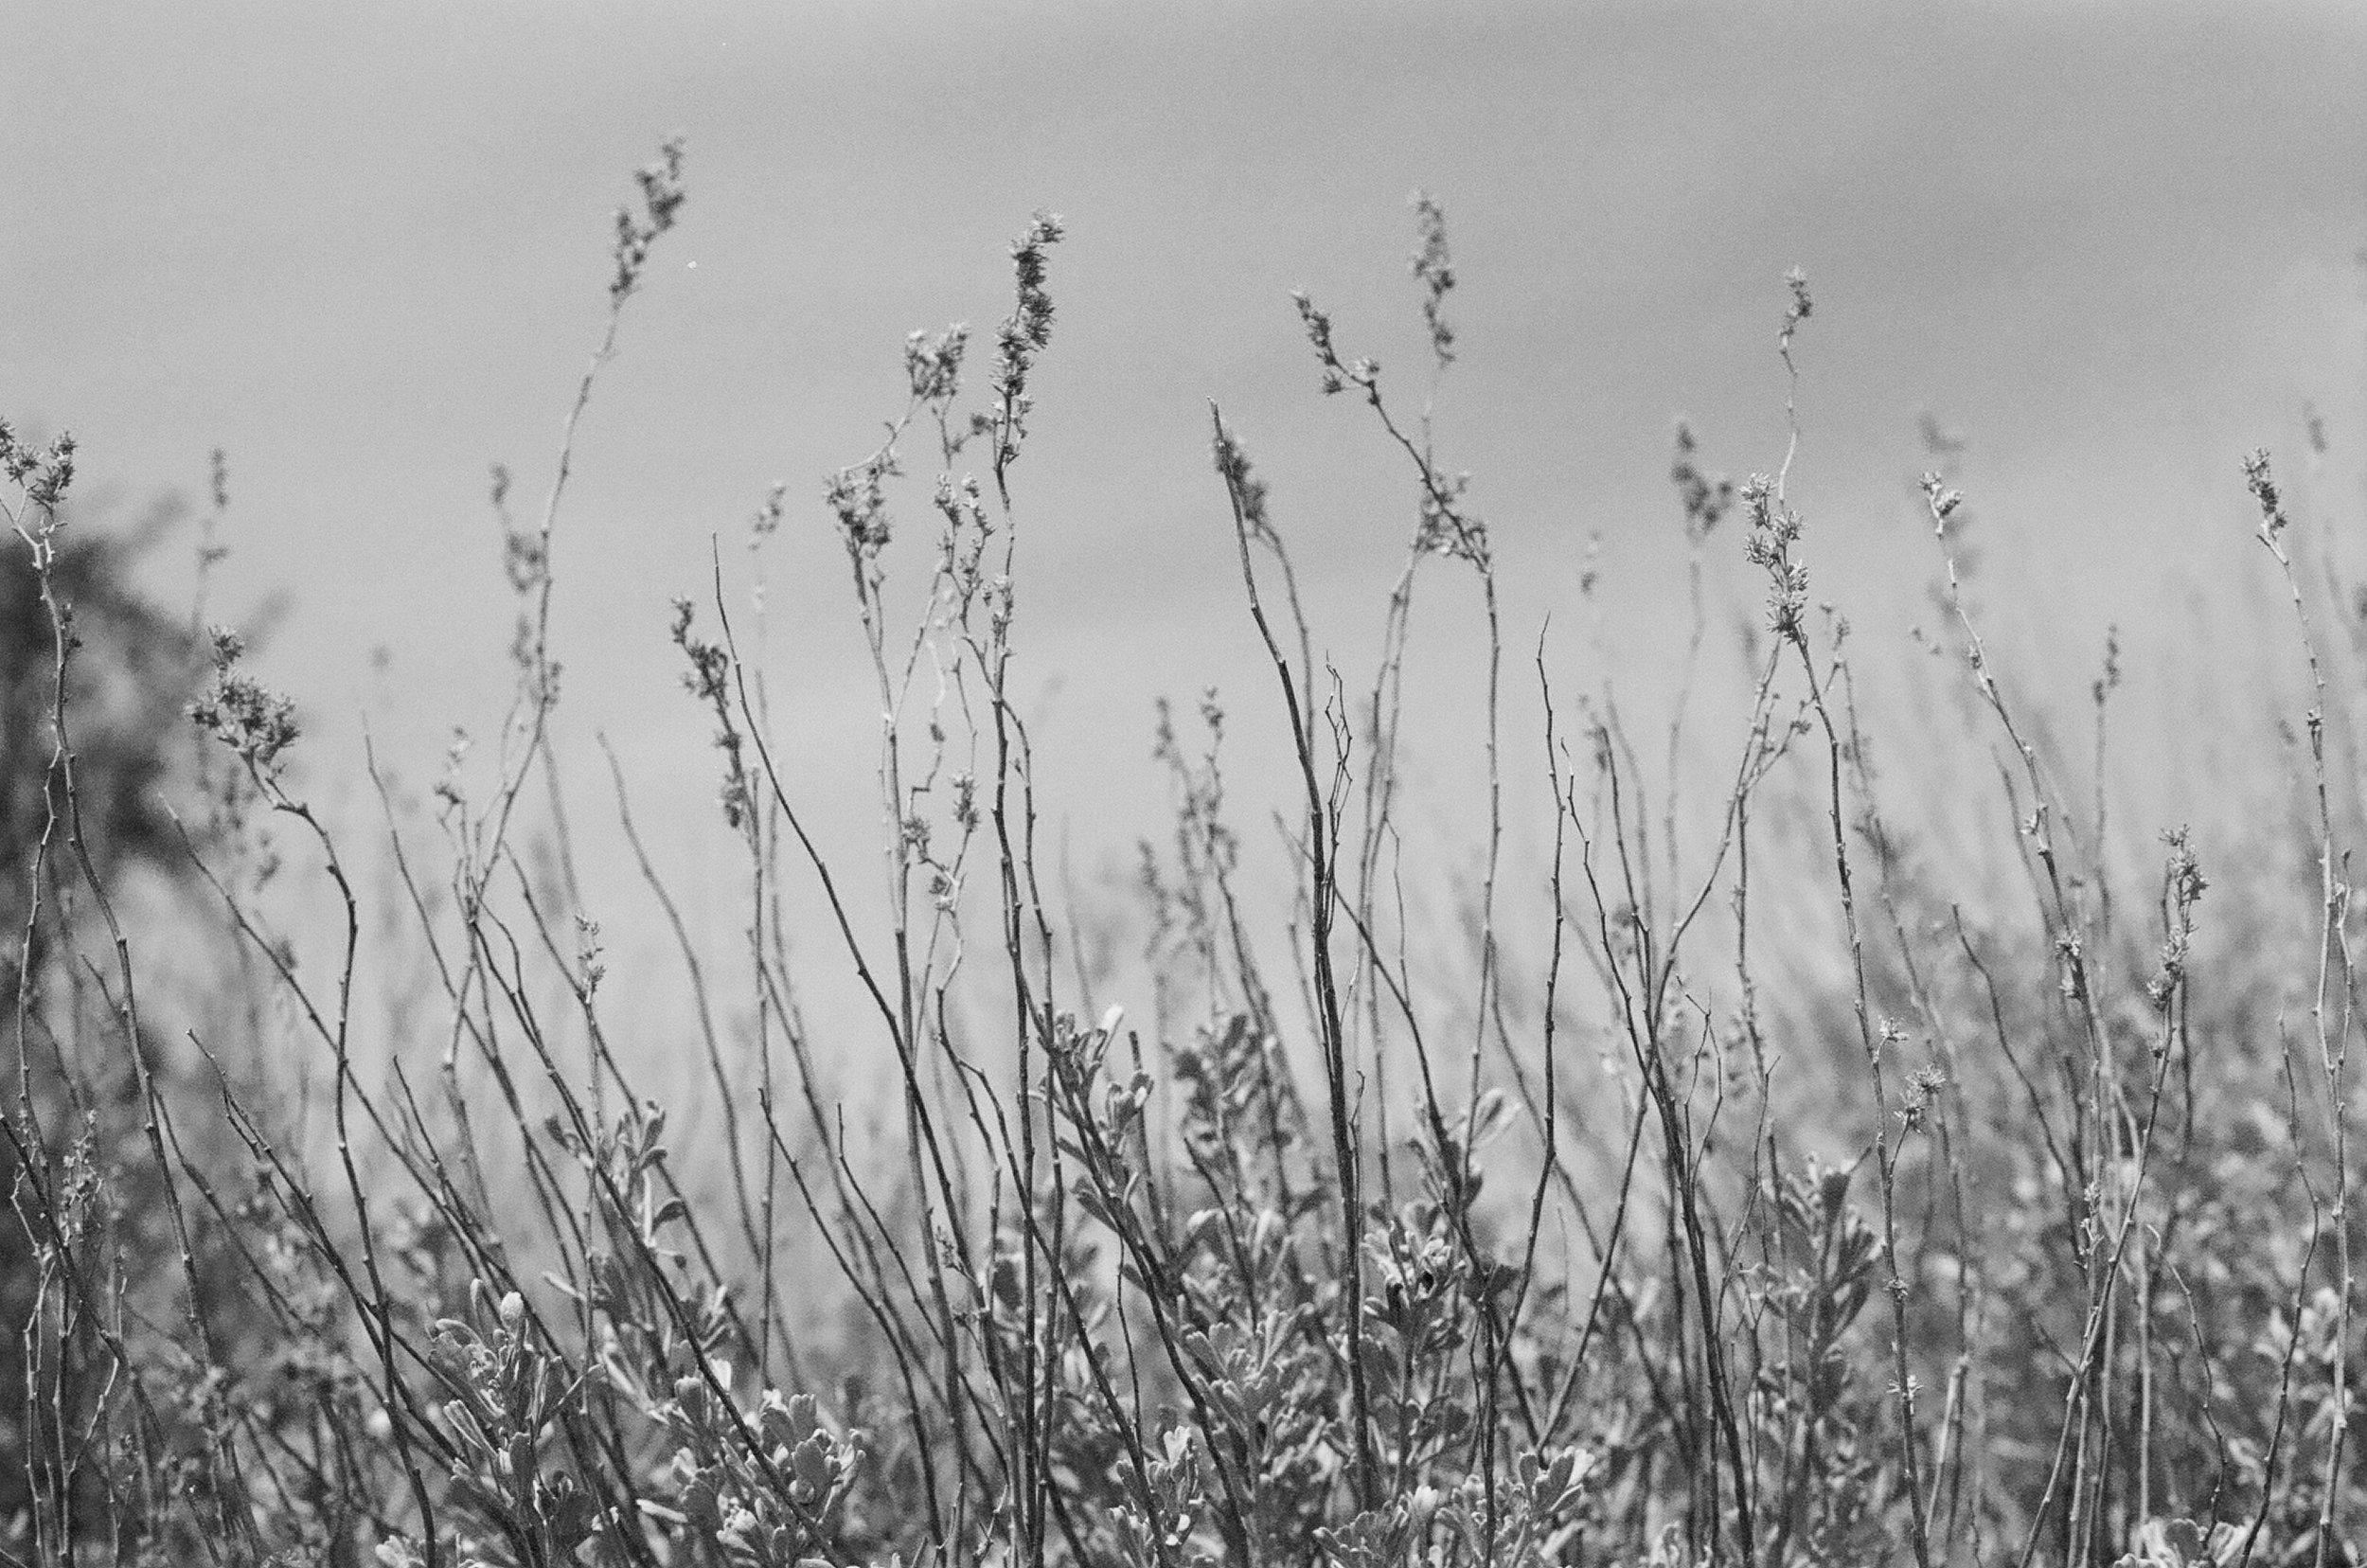 Blooming Sage Brush